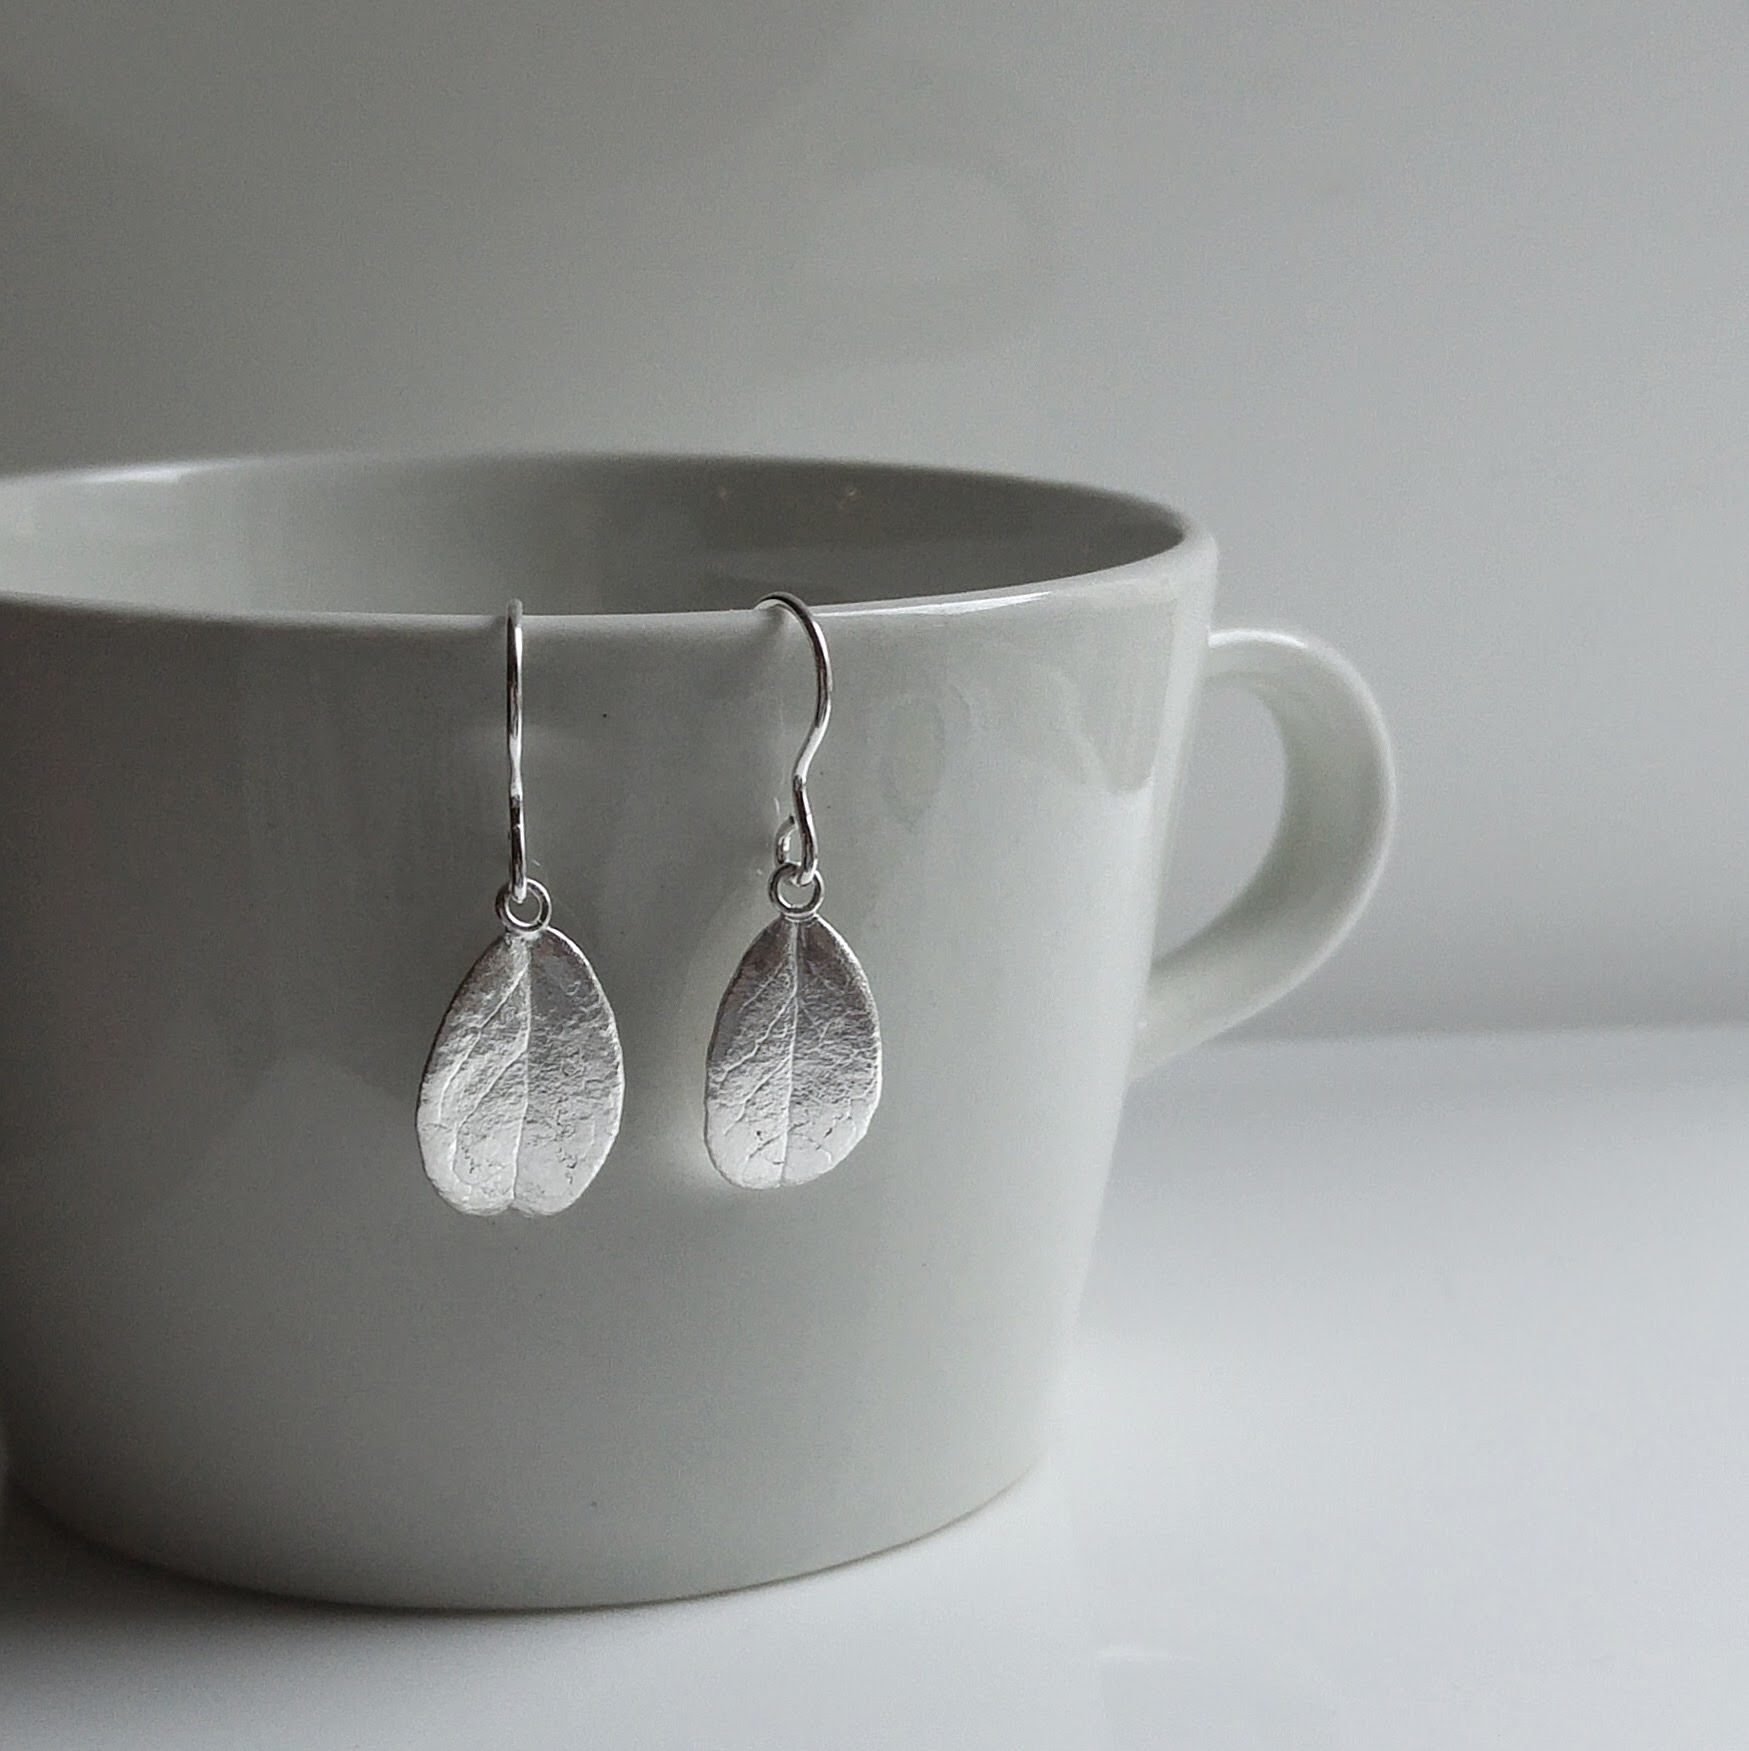 Eternal Lingon earrings, silver